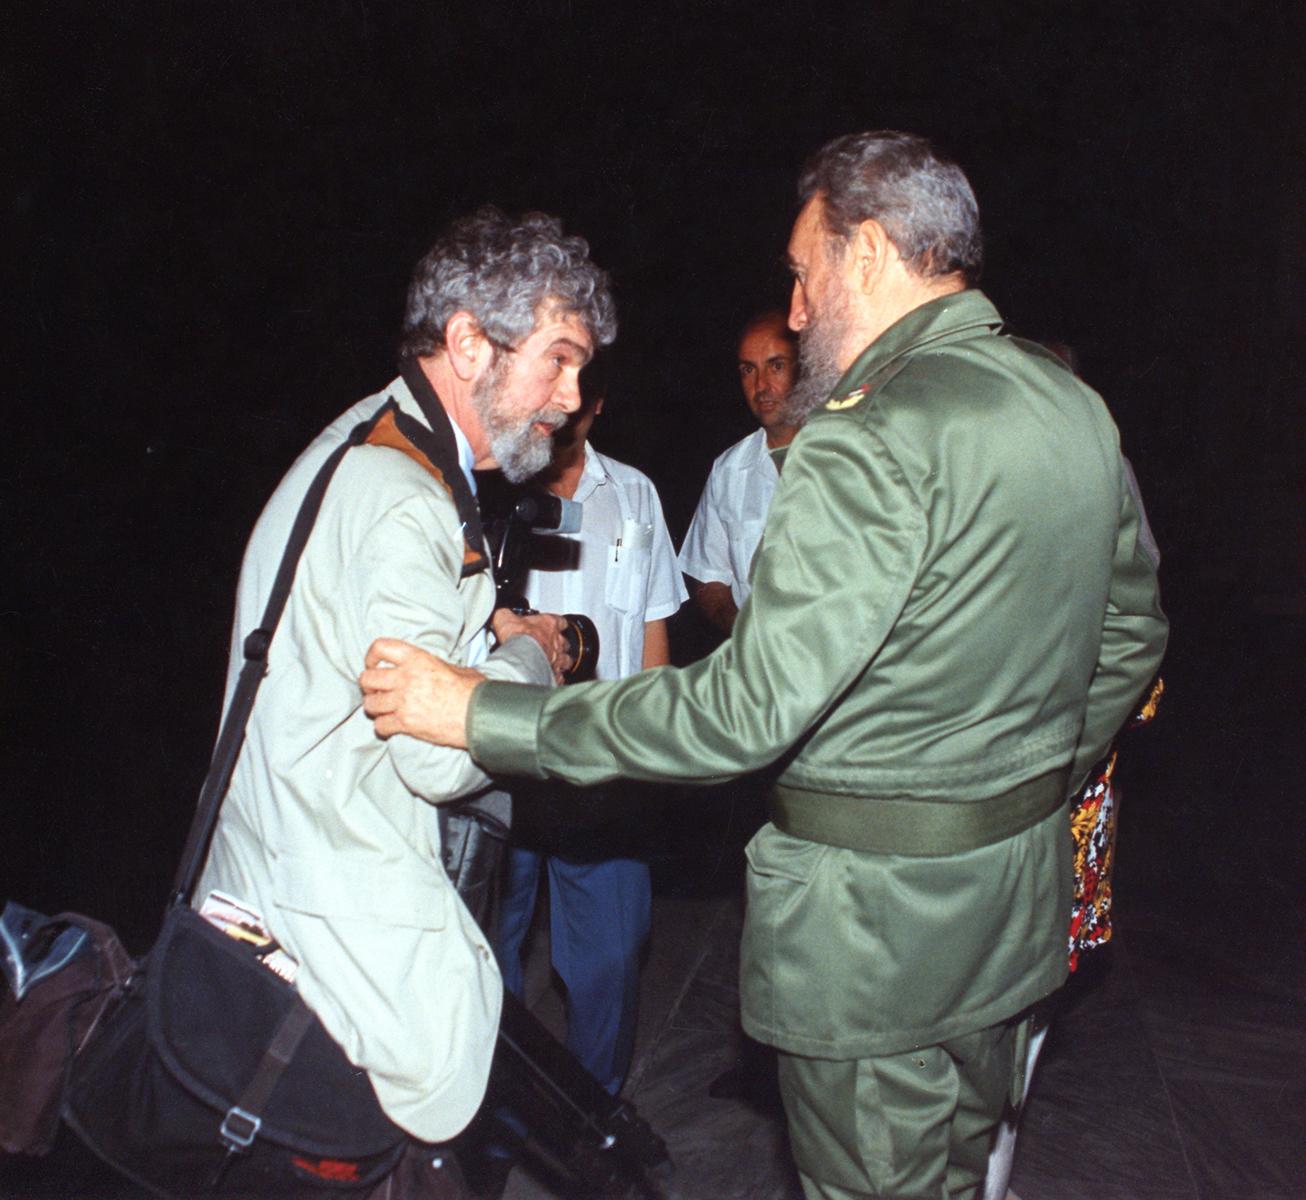 1998 Cuba with Fidel Castro